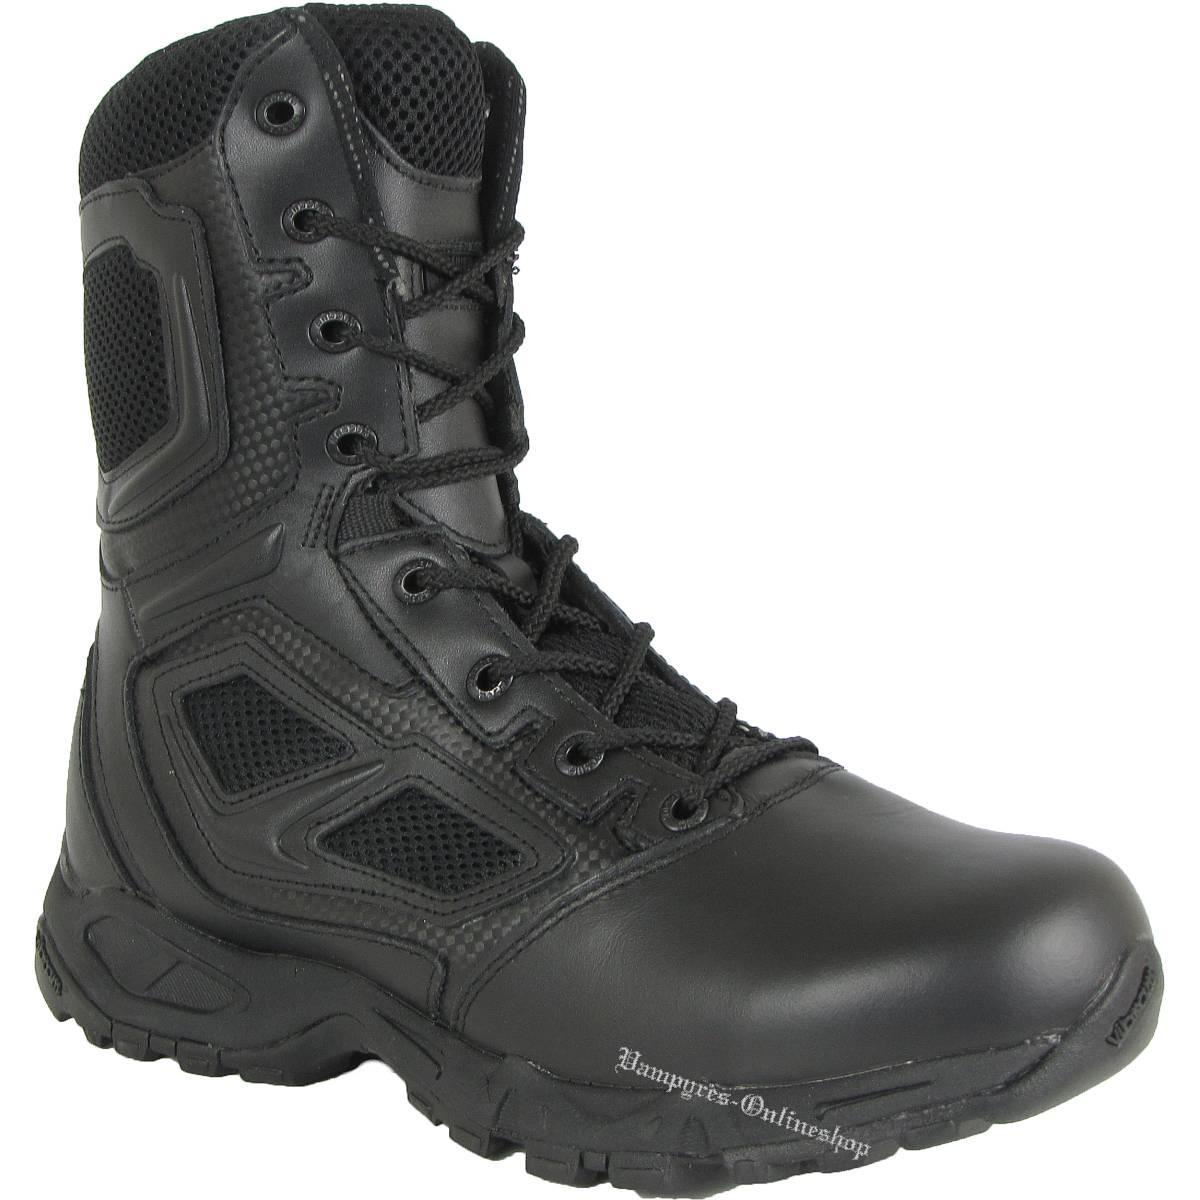 Magnum (Hi-Tec) Elite Spider 8.0 Schwarz Stiefel Boots